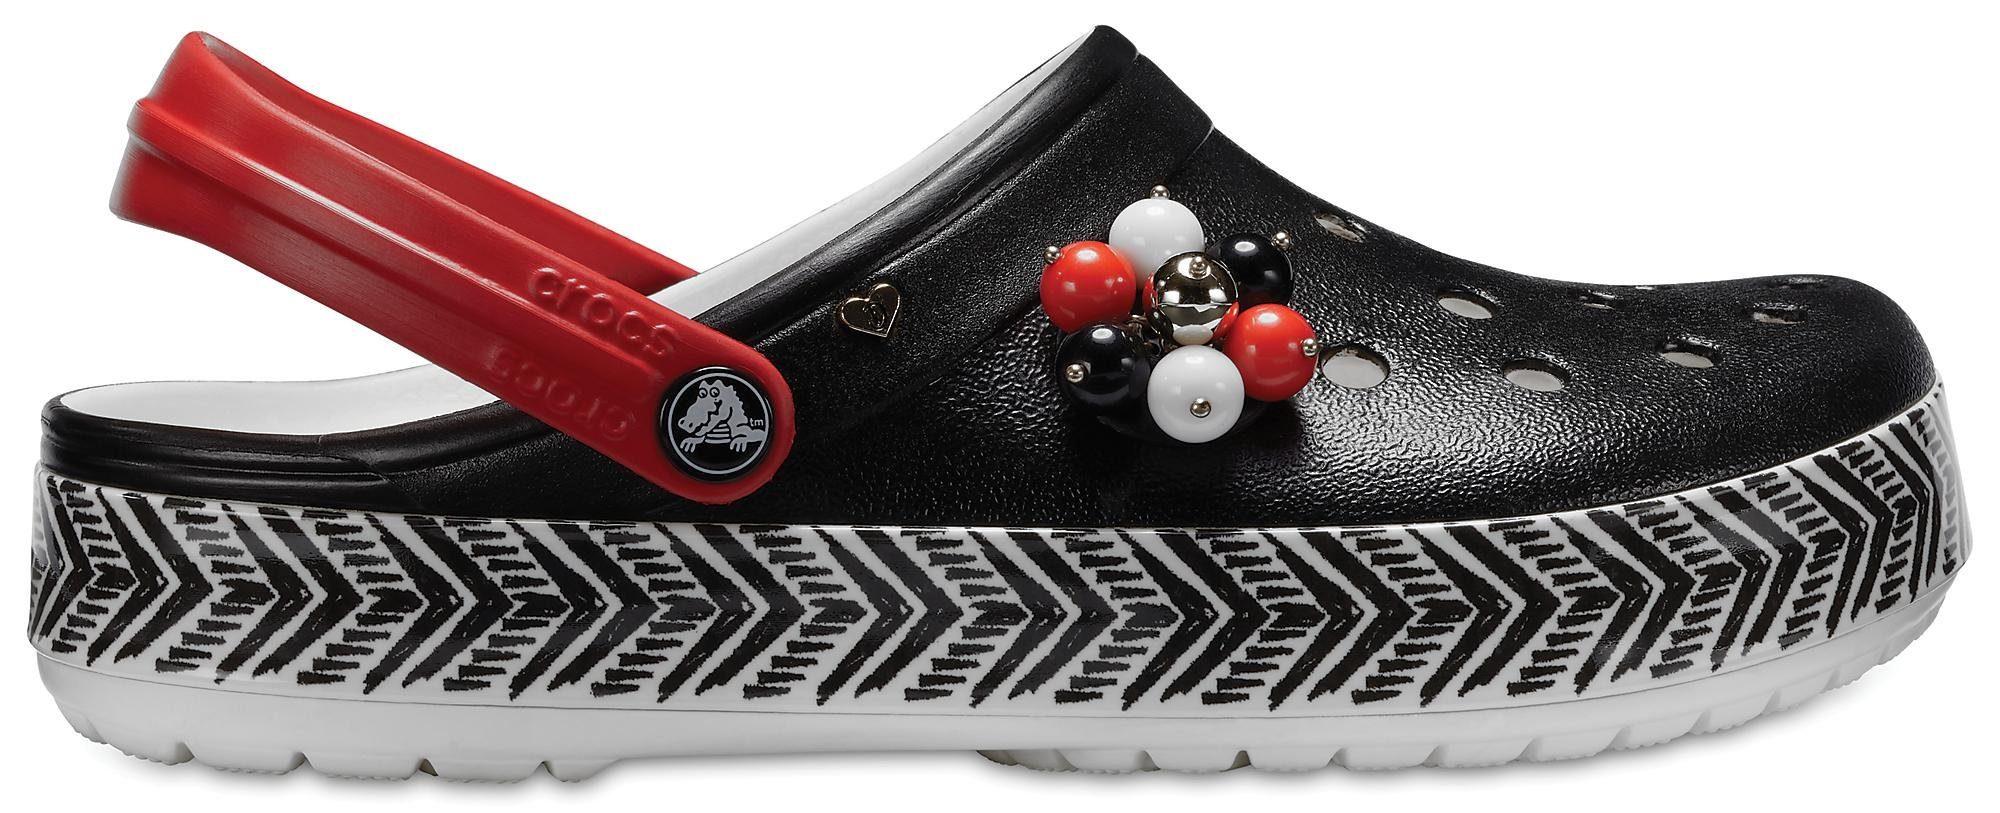 Crocs »Drew Barrymore X Cb Tribal Clog« Clog, mit Ethno-Muster an der Laufsohle, schwarz, schwarz-weiß-rot